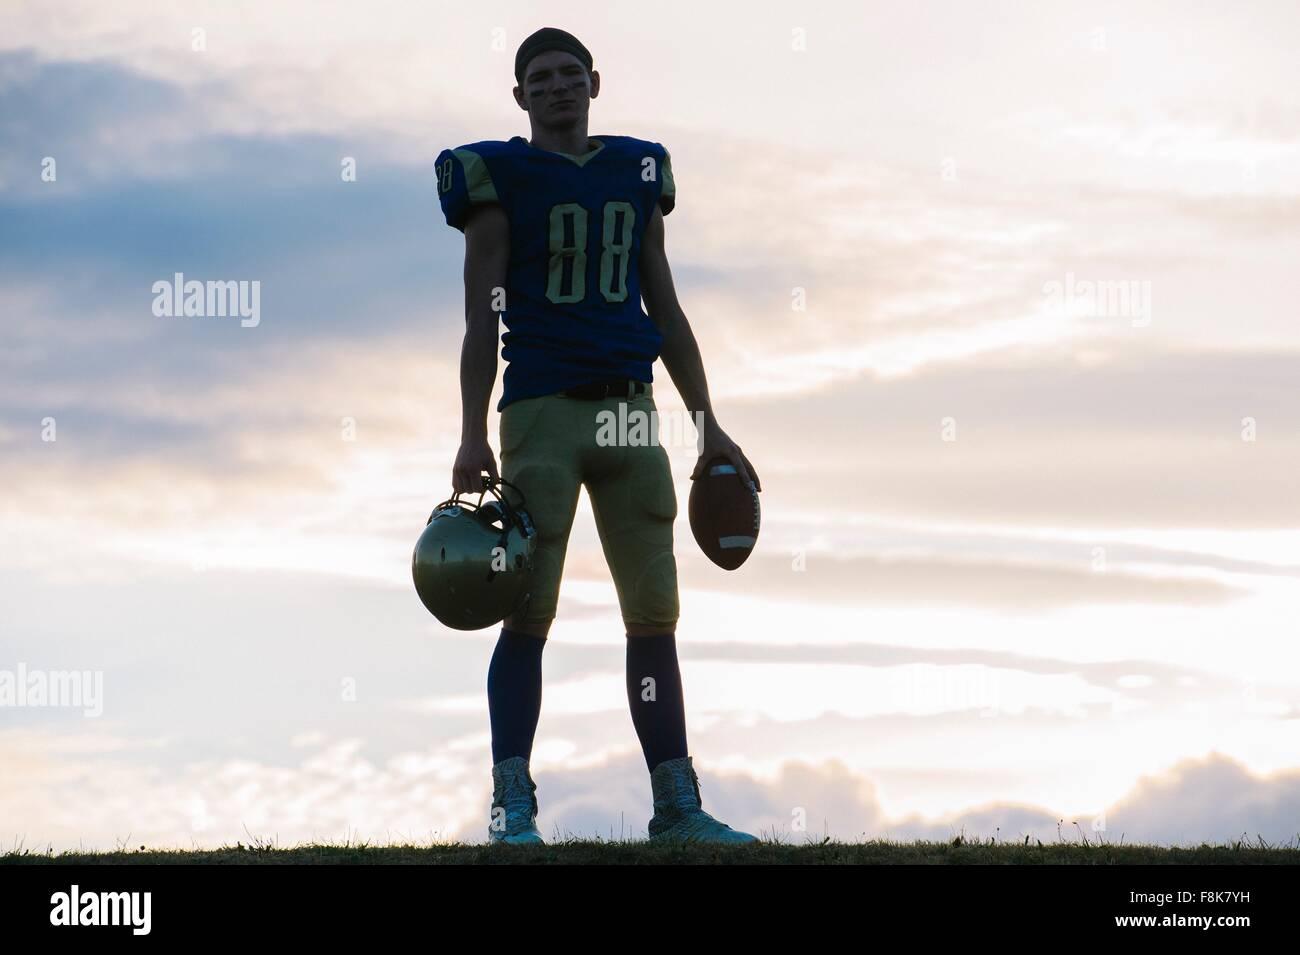 Retrato del joven jugador de fútbol americano Imagen De Stock